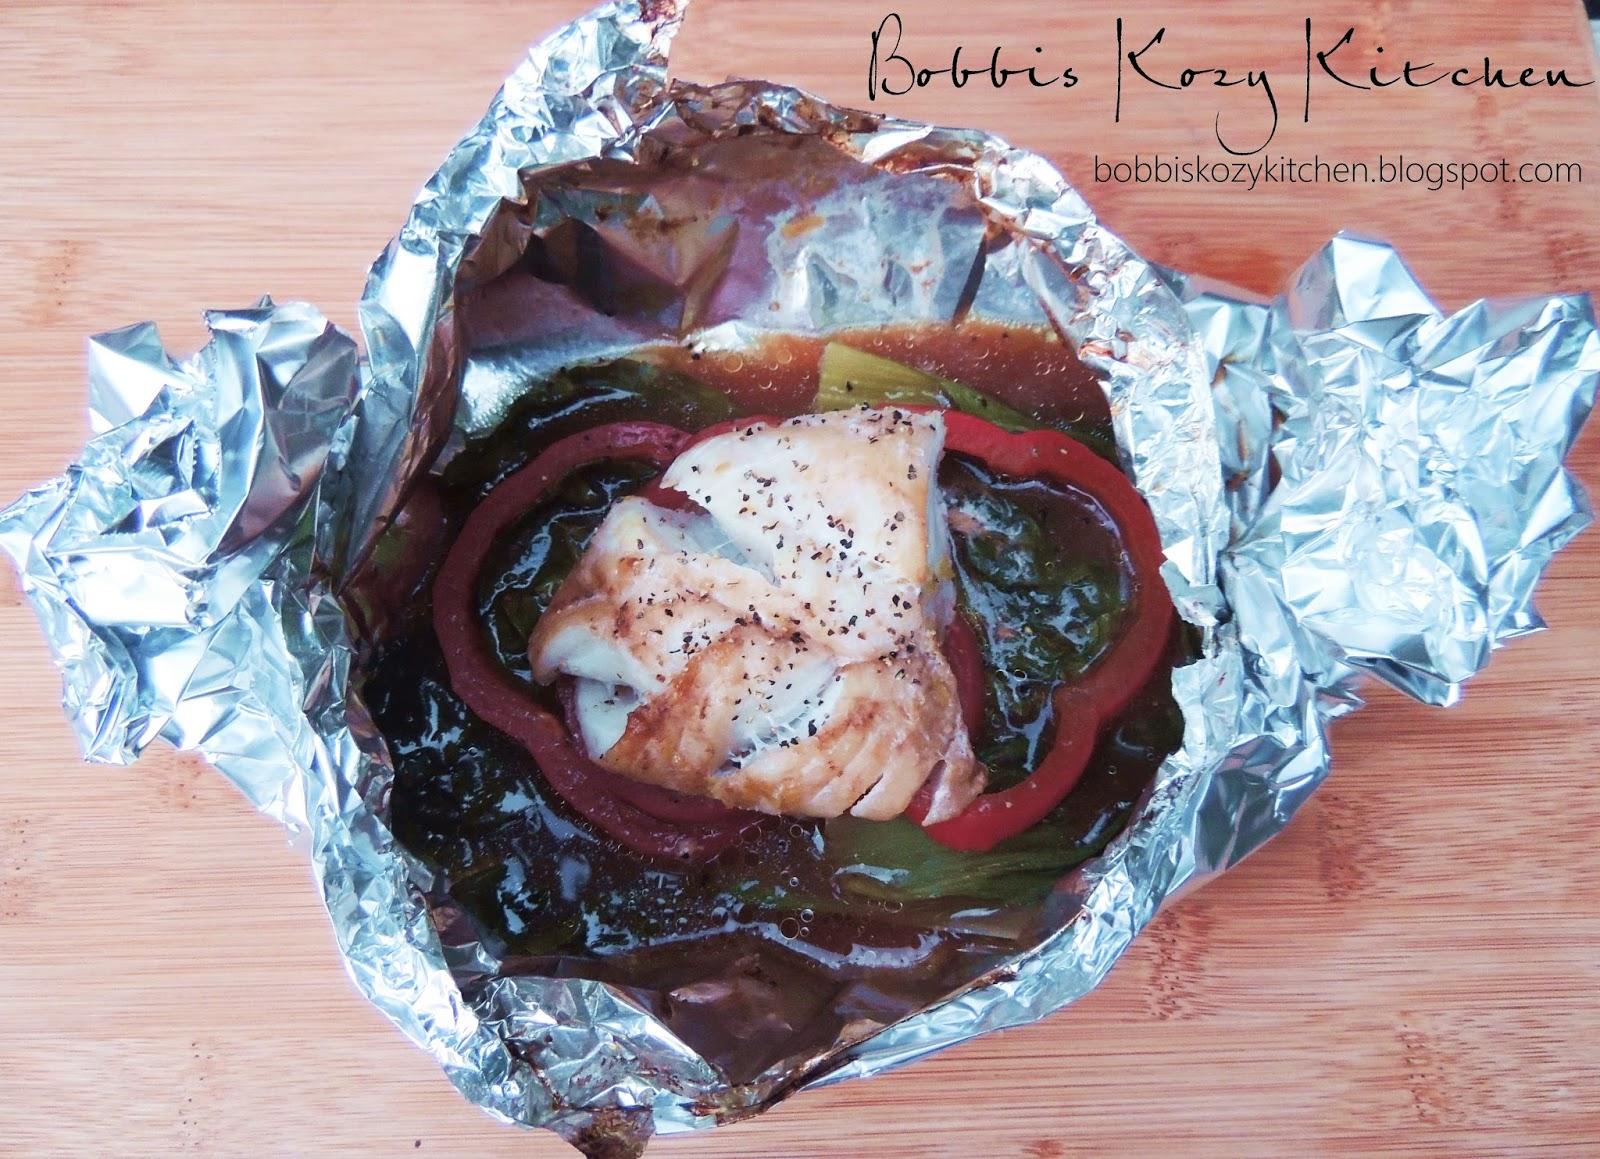 Citrus soy cod in foil bobbi 39 s kozy kitchen for Is cod fish kosher